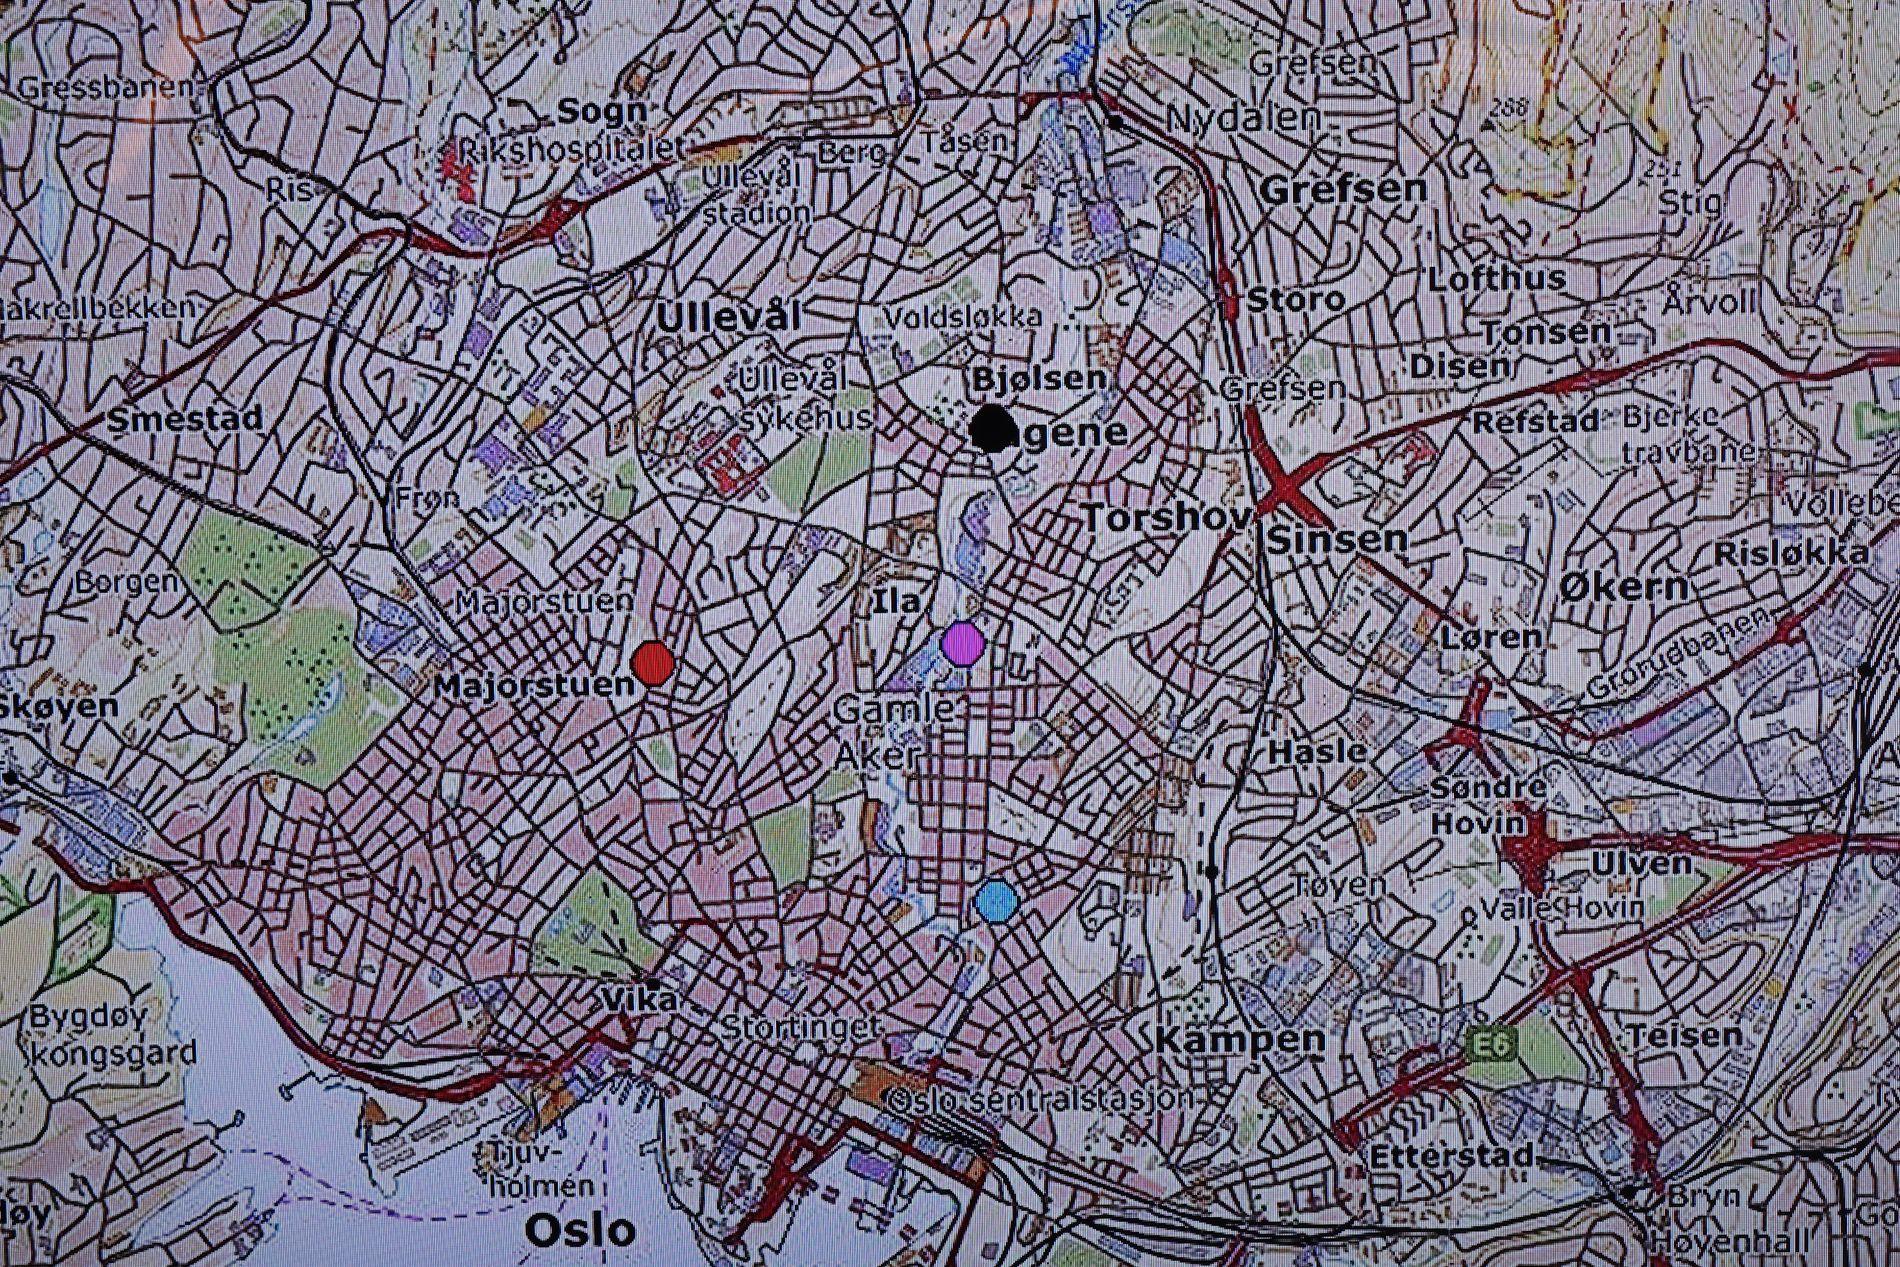 ÅSTED: Politiet har markert på et kart hvor de fleste overfallene har skjedd.